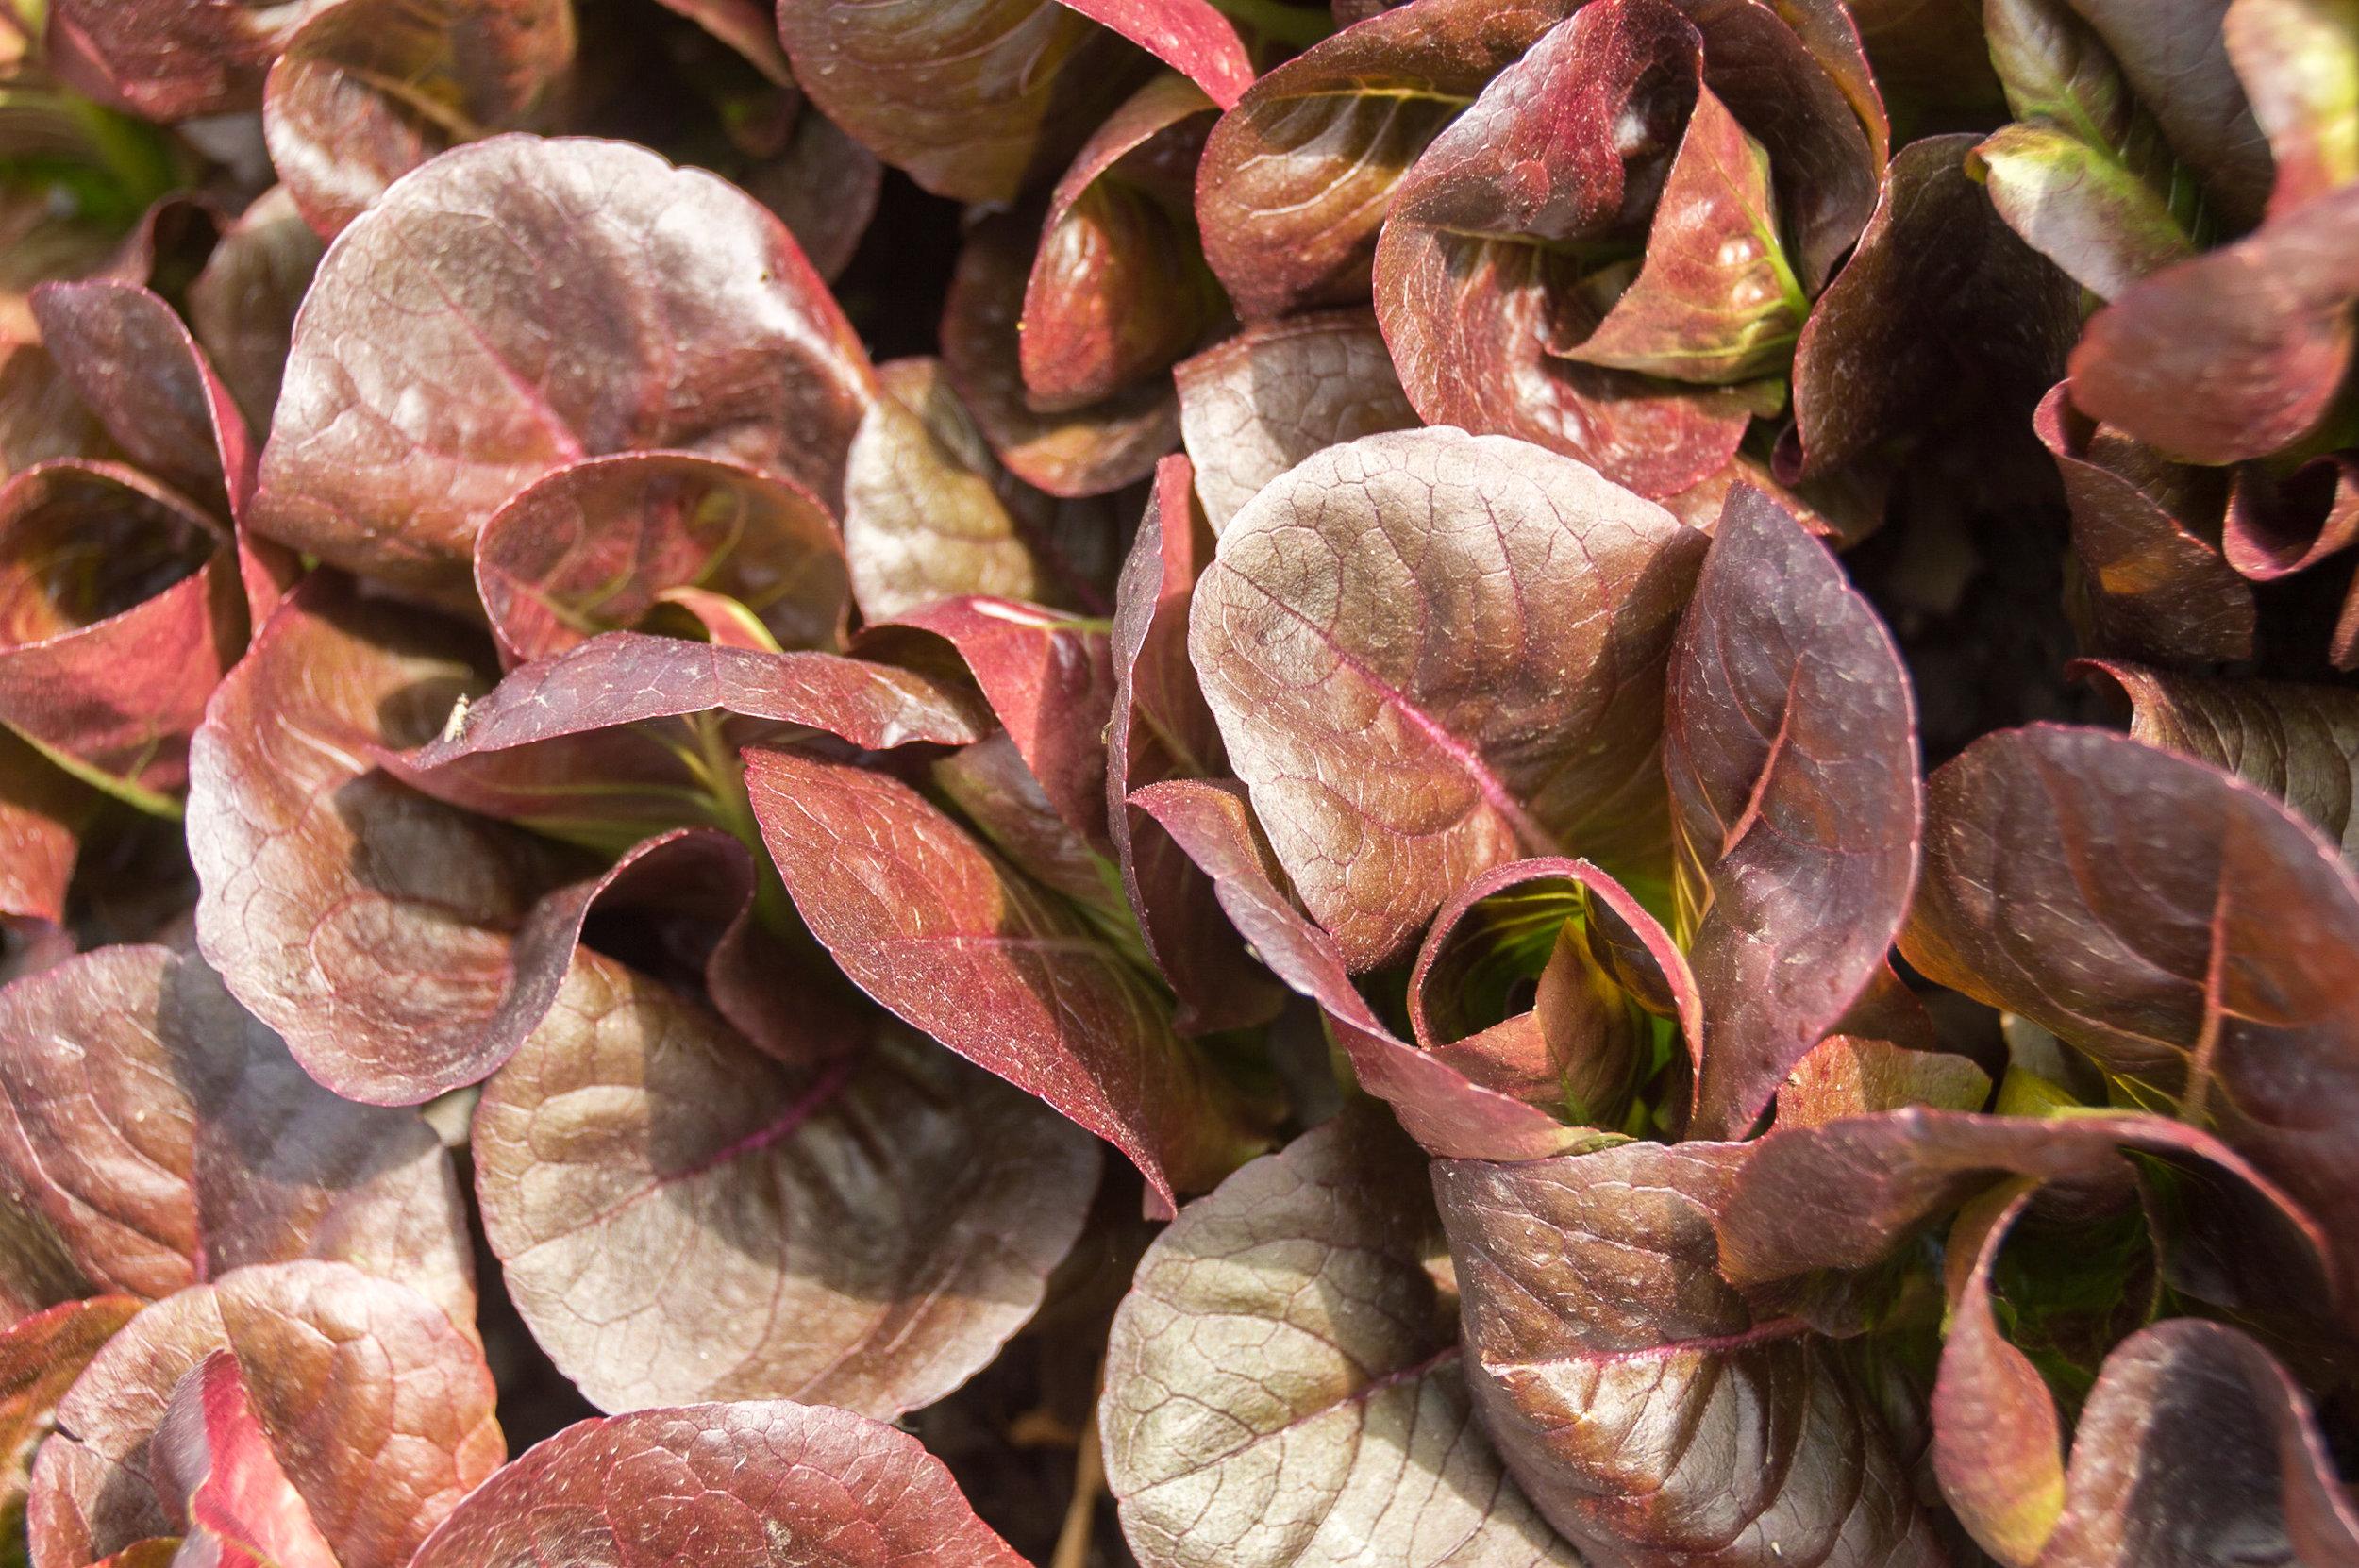 AGRICULTURE URBAINE : La coop Bioma vous accompagne pour créer des systèmes de production alimentaire adaptés à vos espaces!